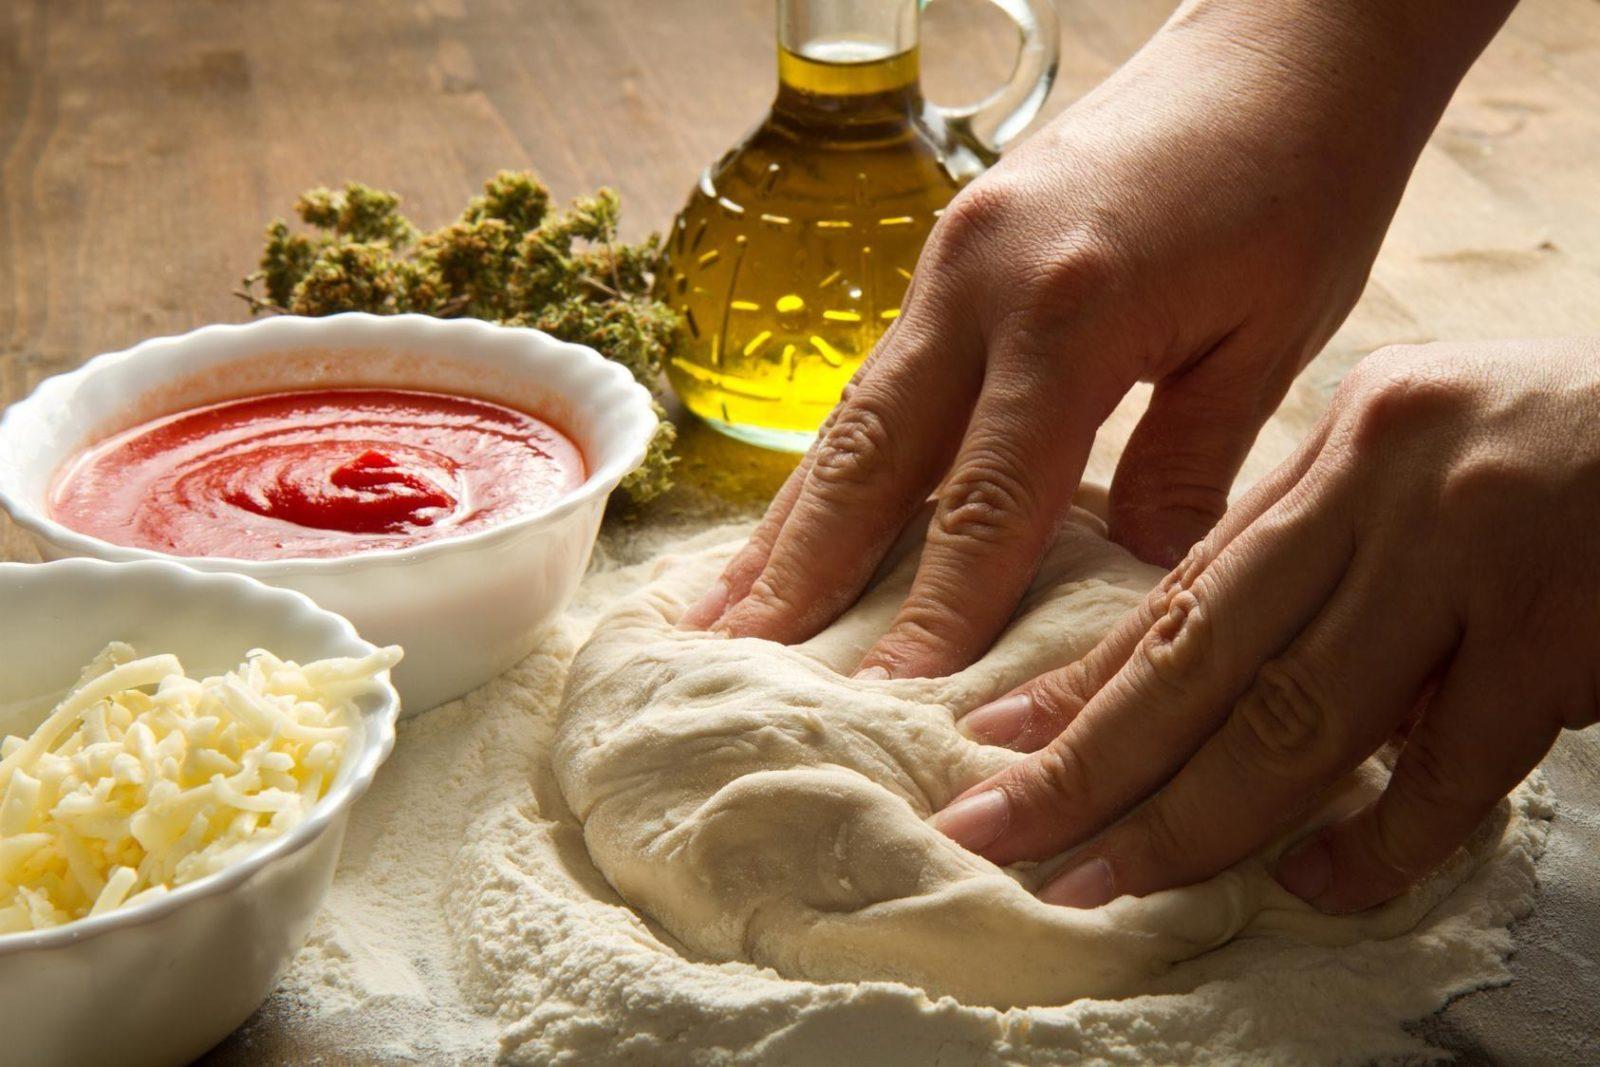 ricetta-pizza-con-polipo-e-patate_23c807af94ce178d2eefdd038990f9c7